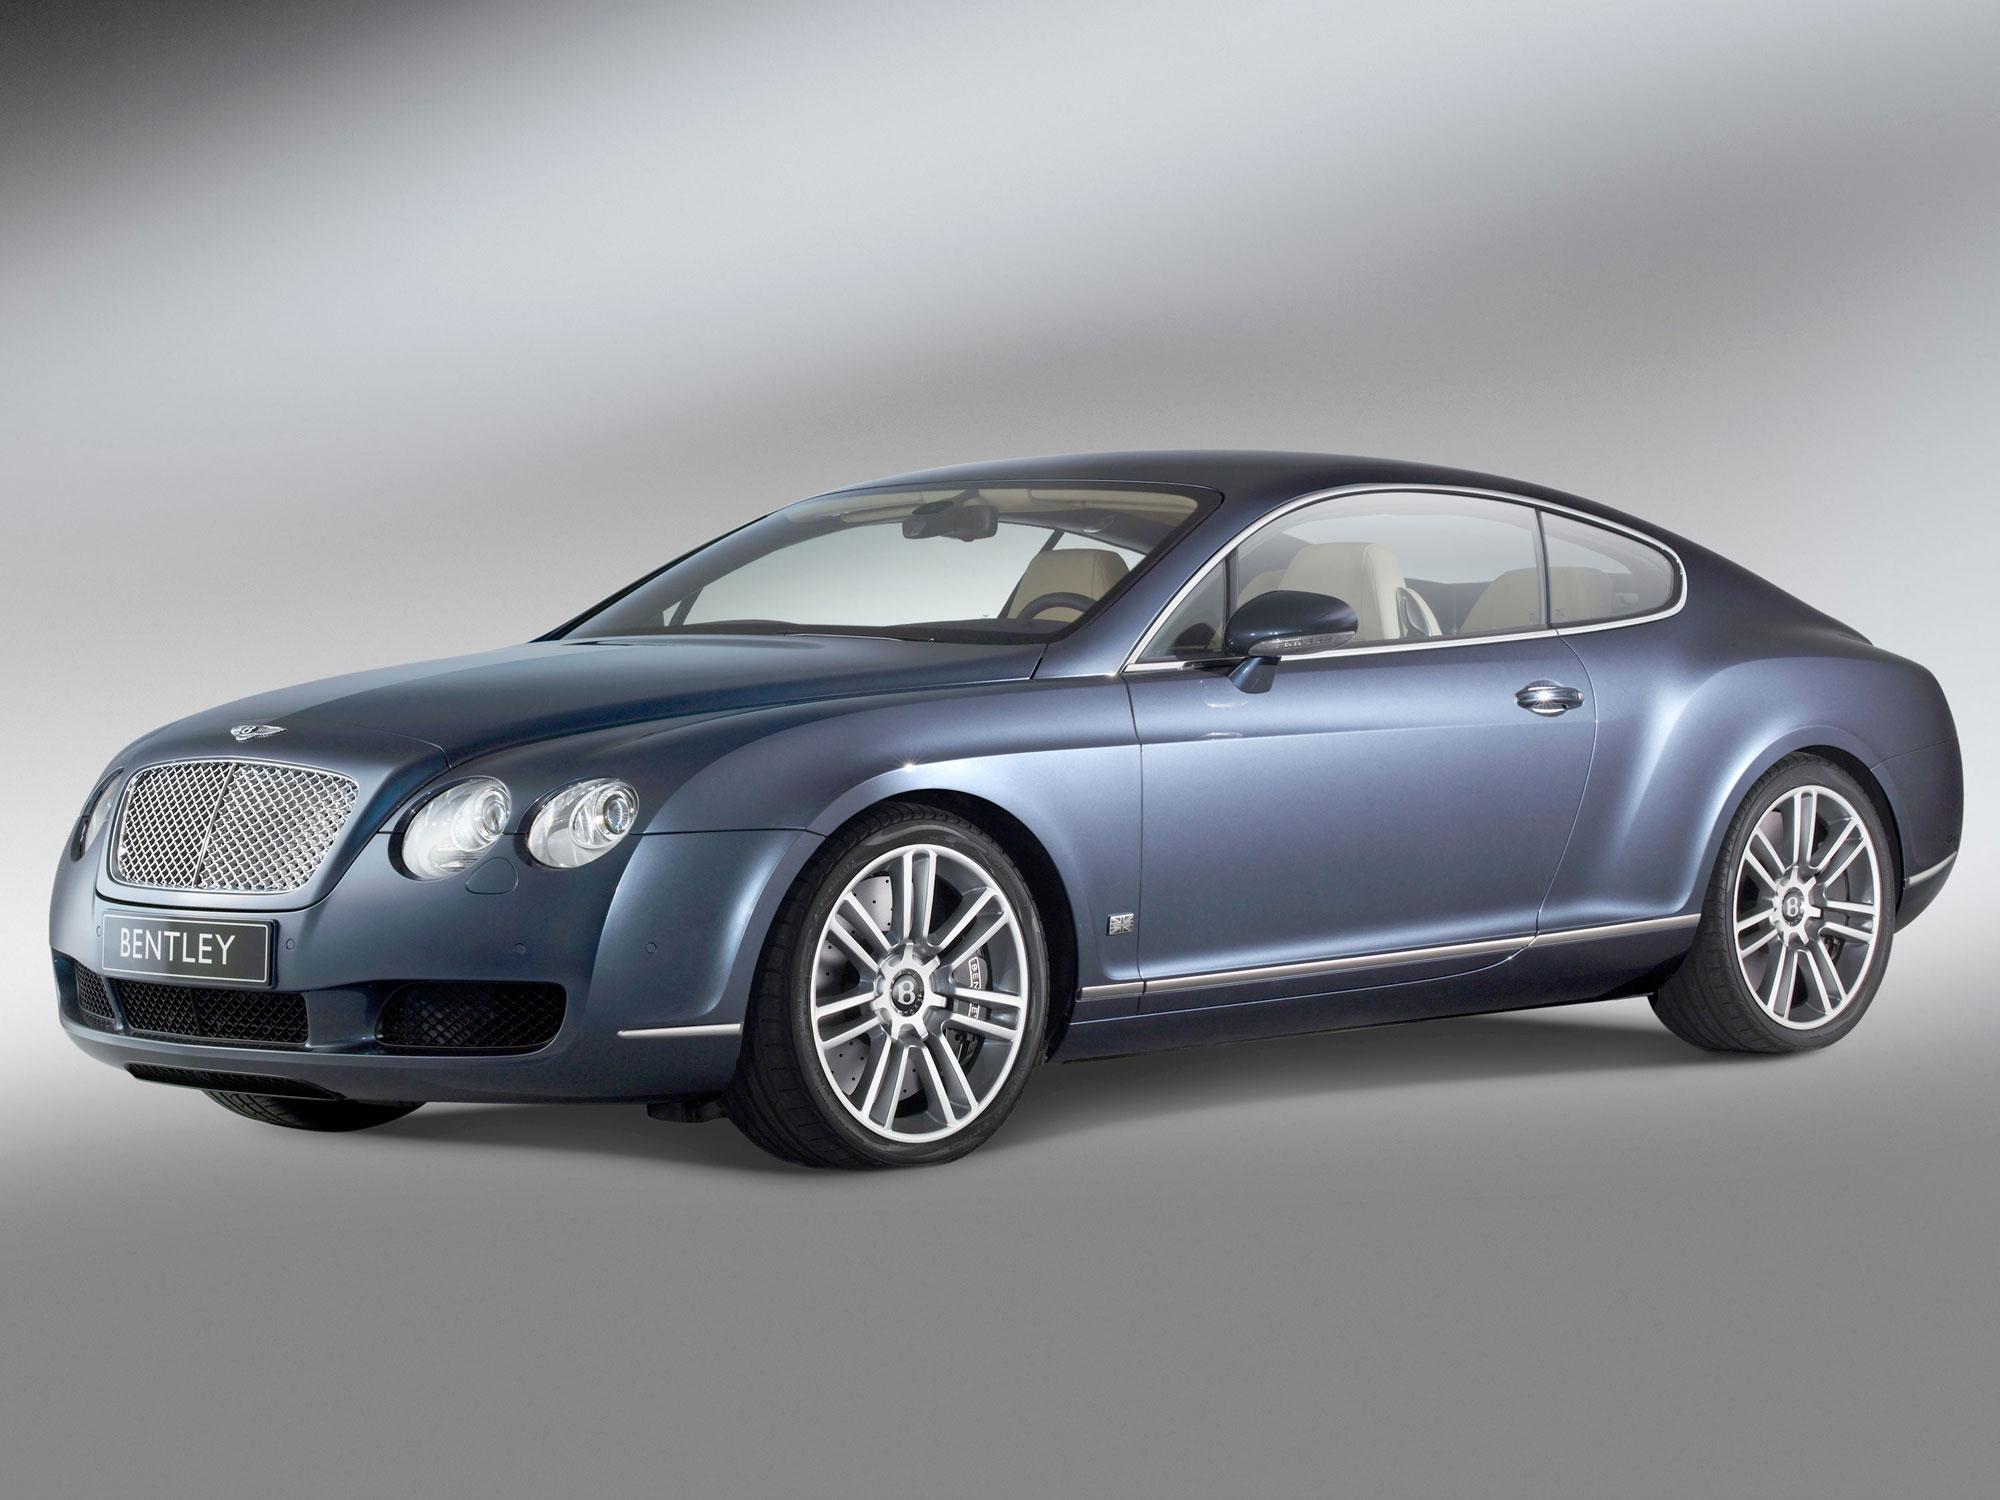 Bentley-Continental-GT-01.jpg